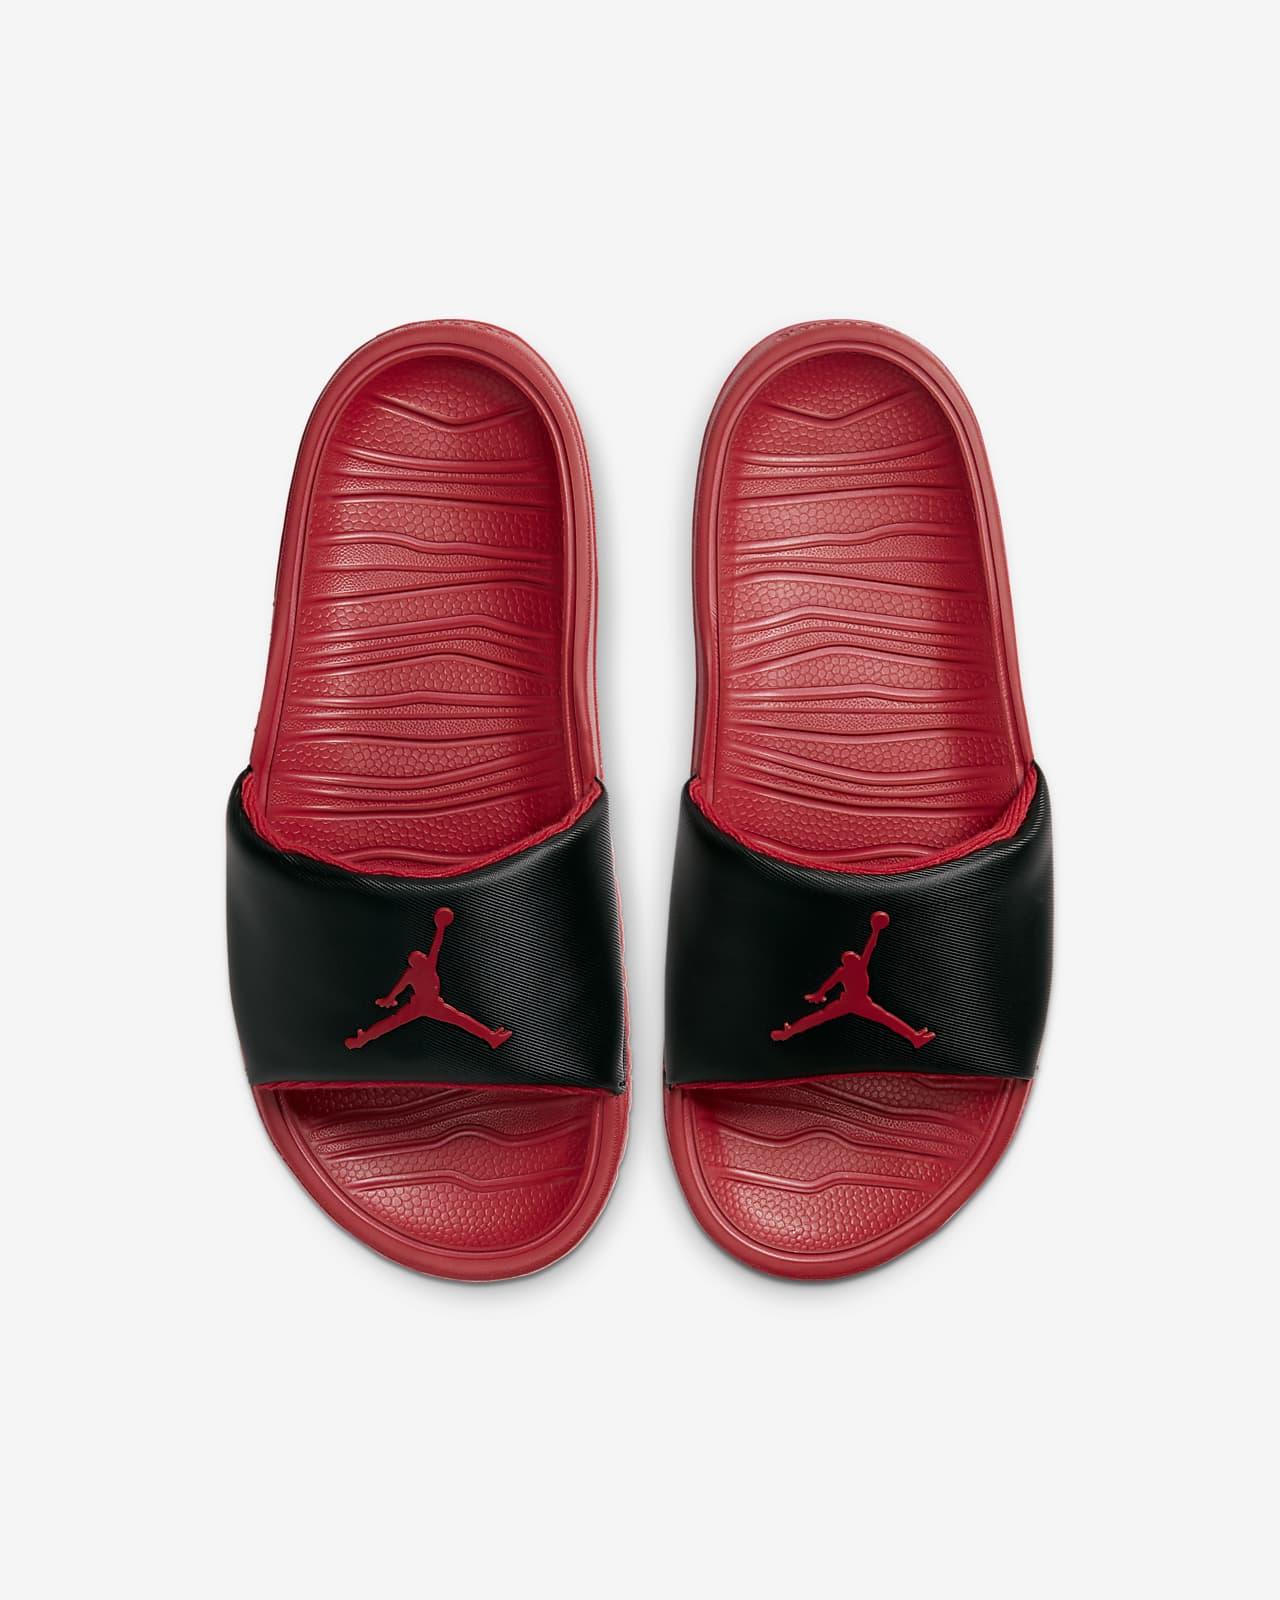 Jordan Break Older Kids' Slides